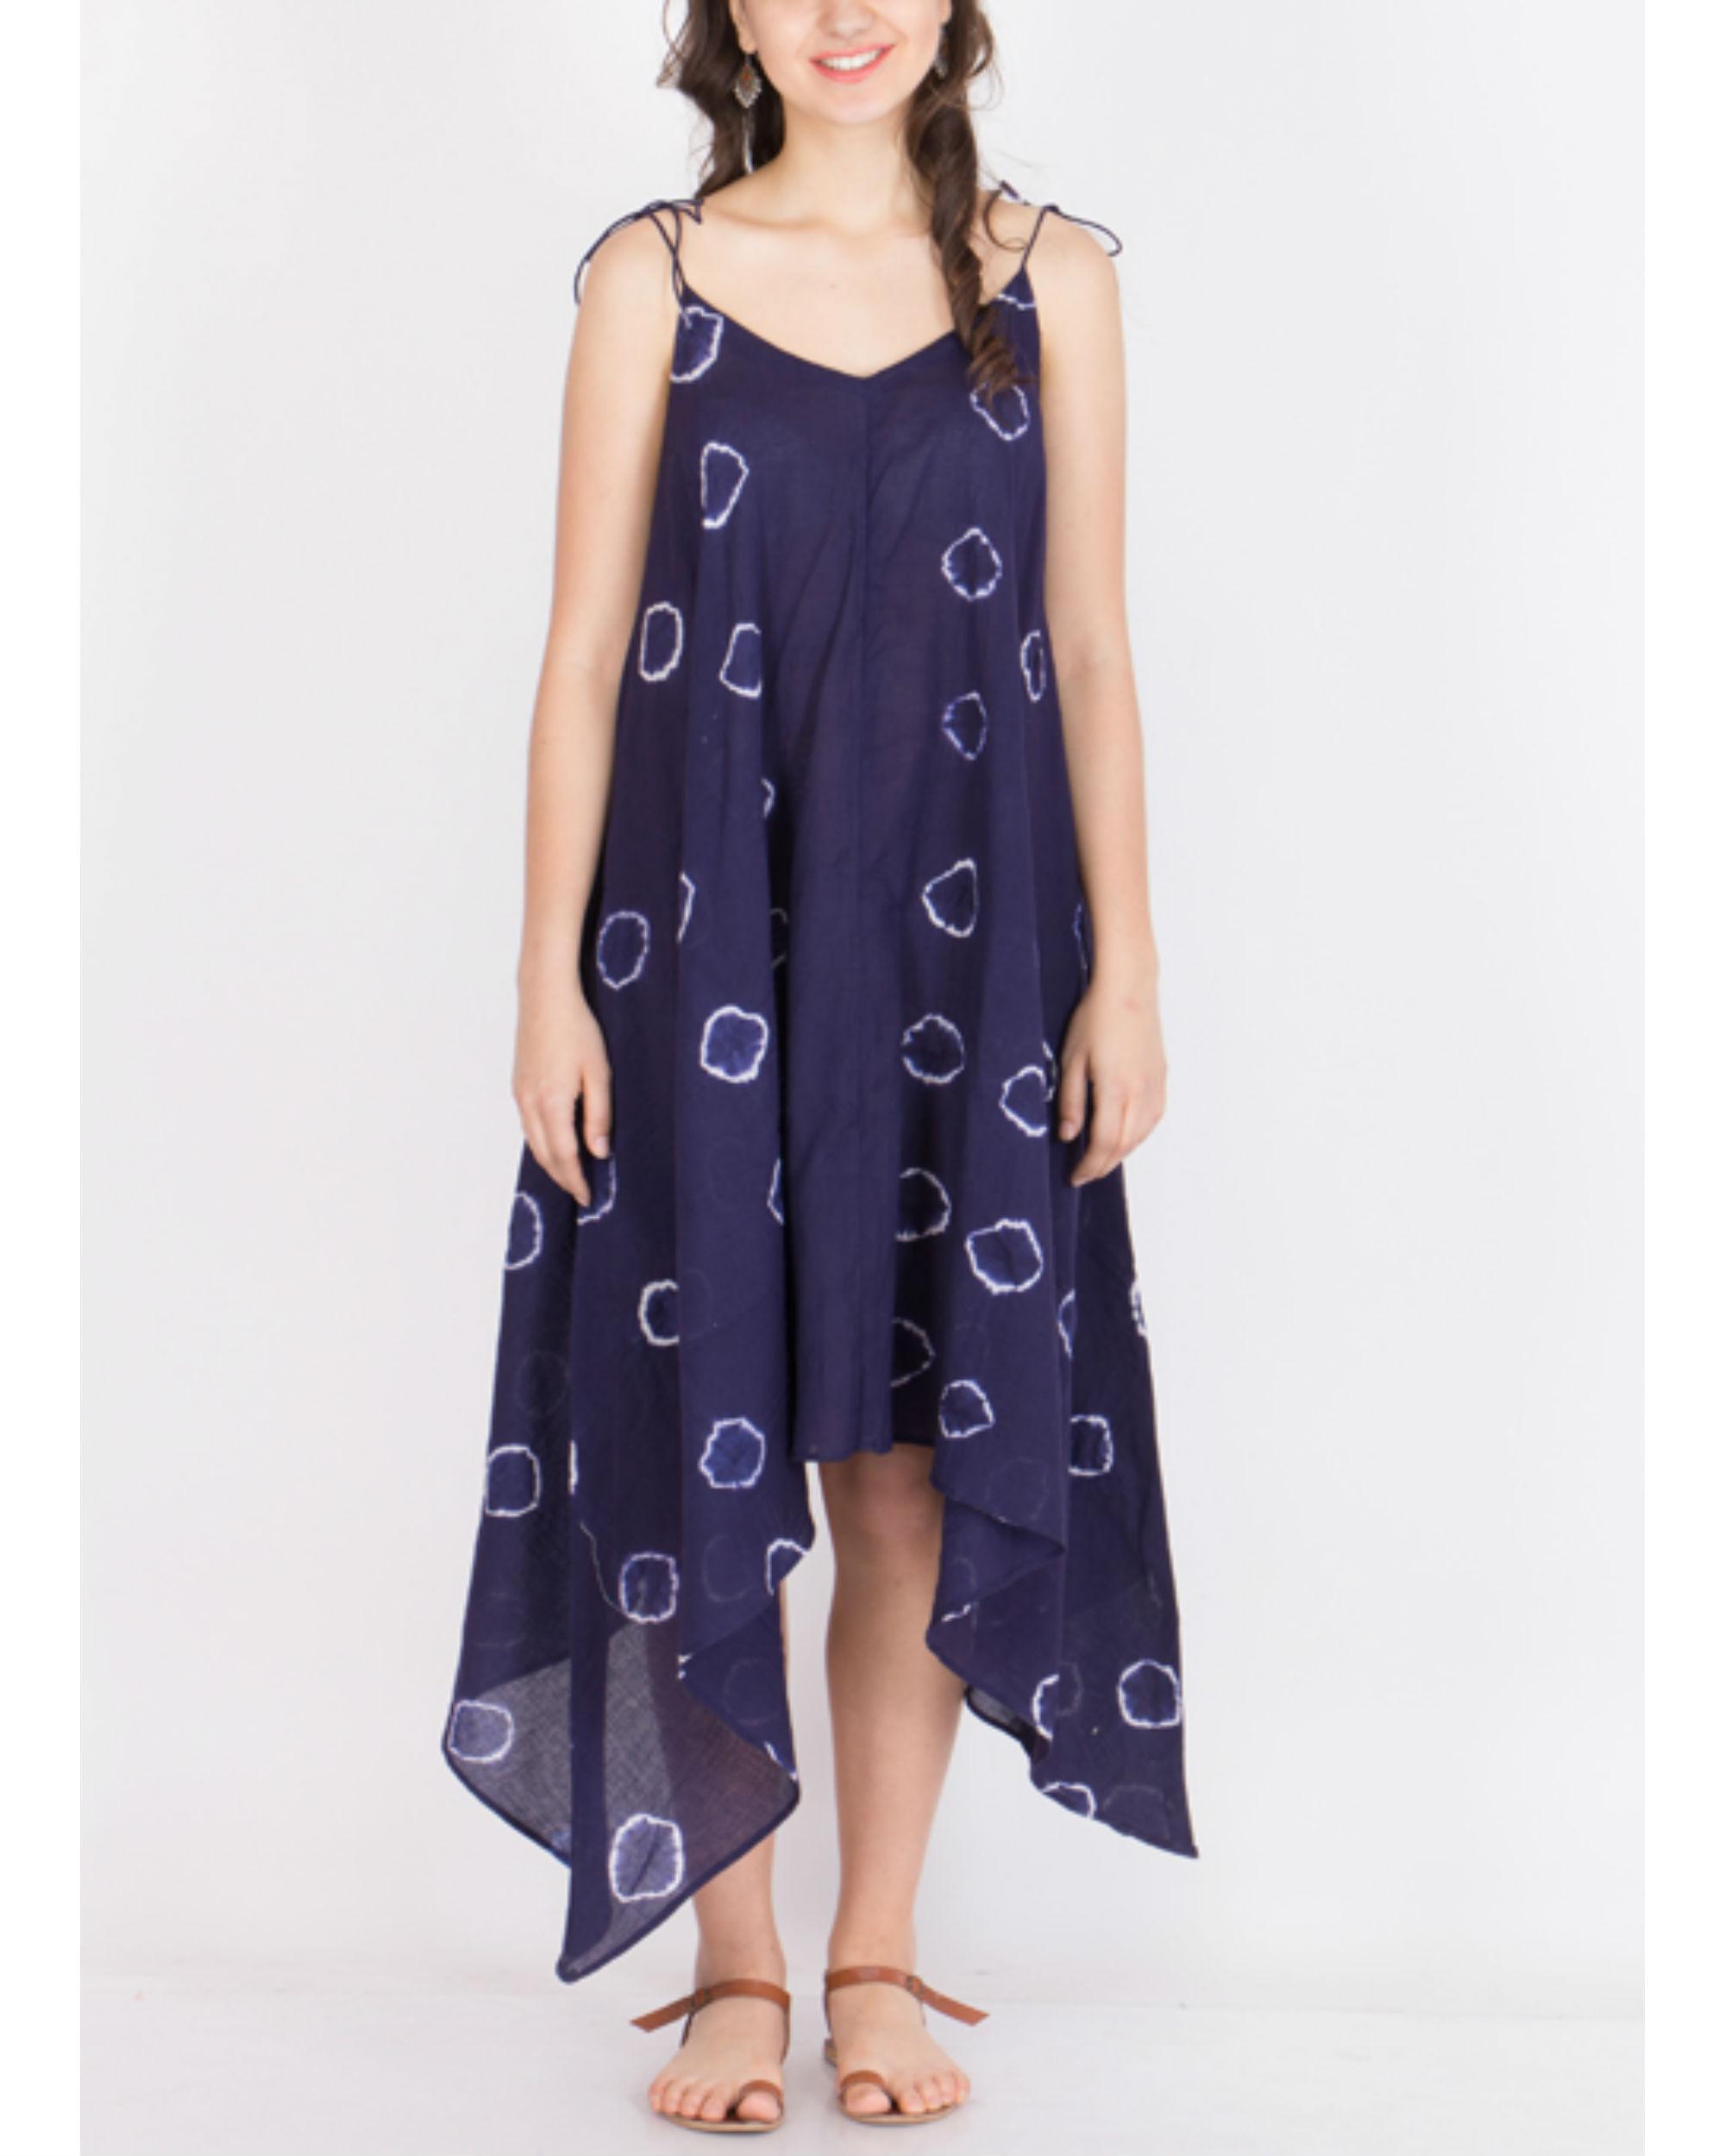 Muslin tie dye dress